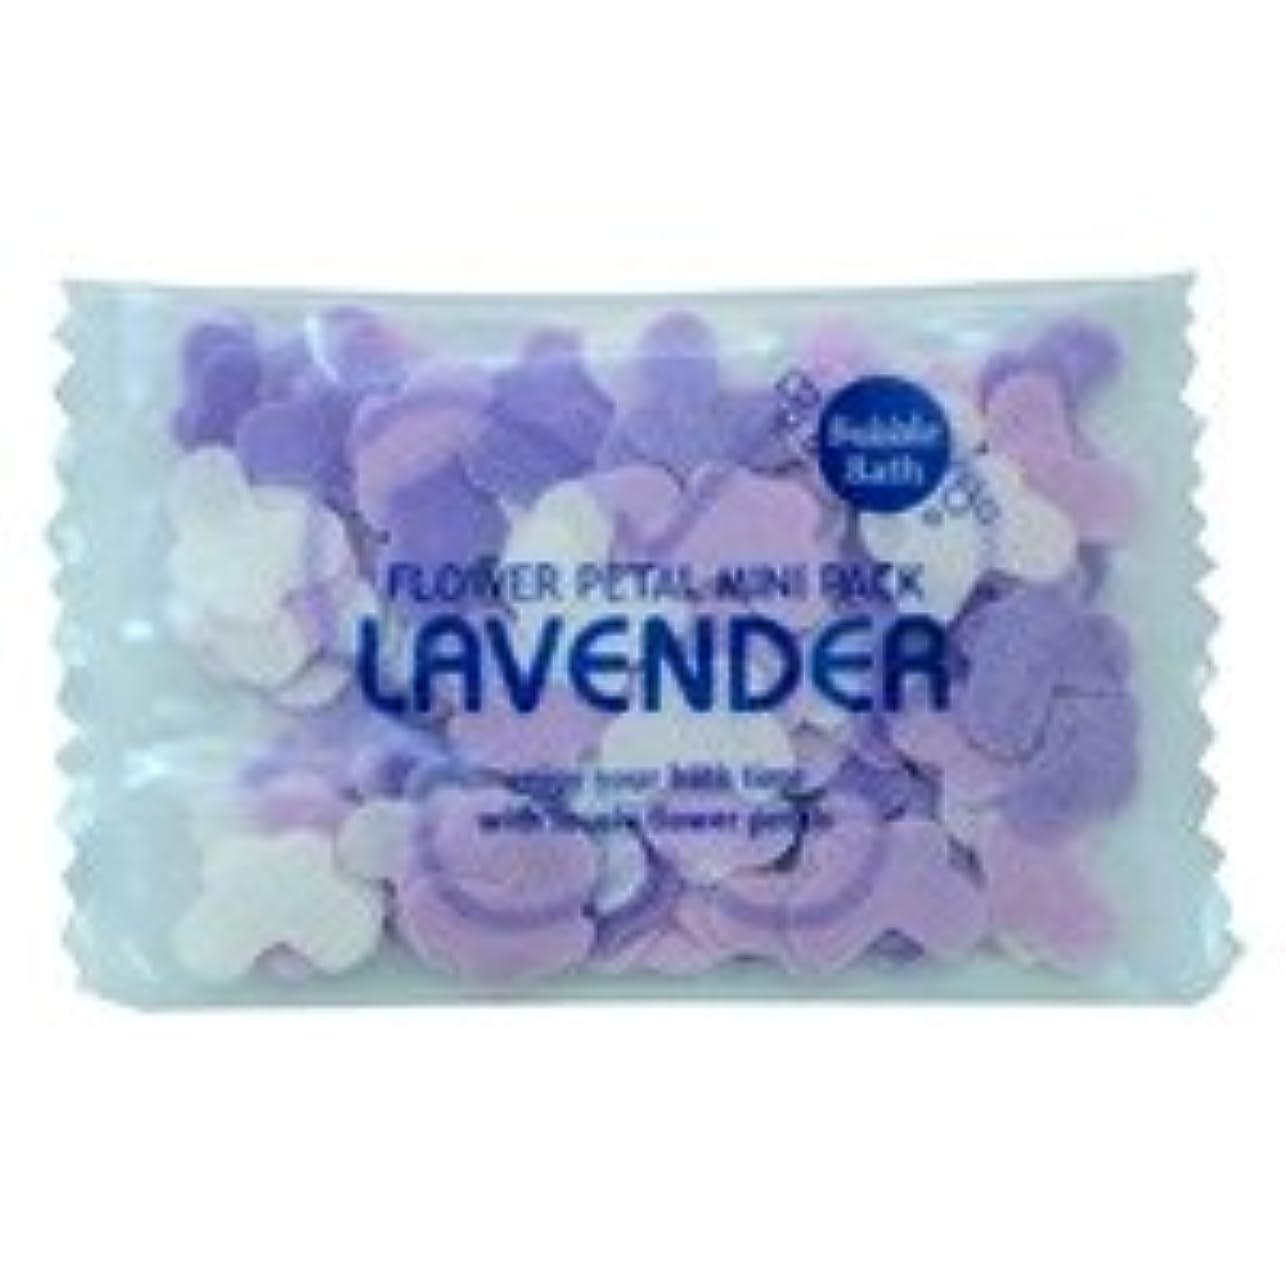 圧力エクステント社交的フラワーペタル バブルバス ミニパック「ラベンダー」20個セット ゆったりリラックスしたい日に心を癒してくれるやさしいラベンダーの香り